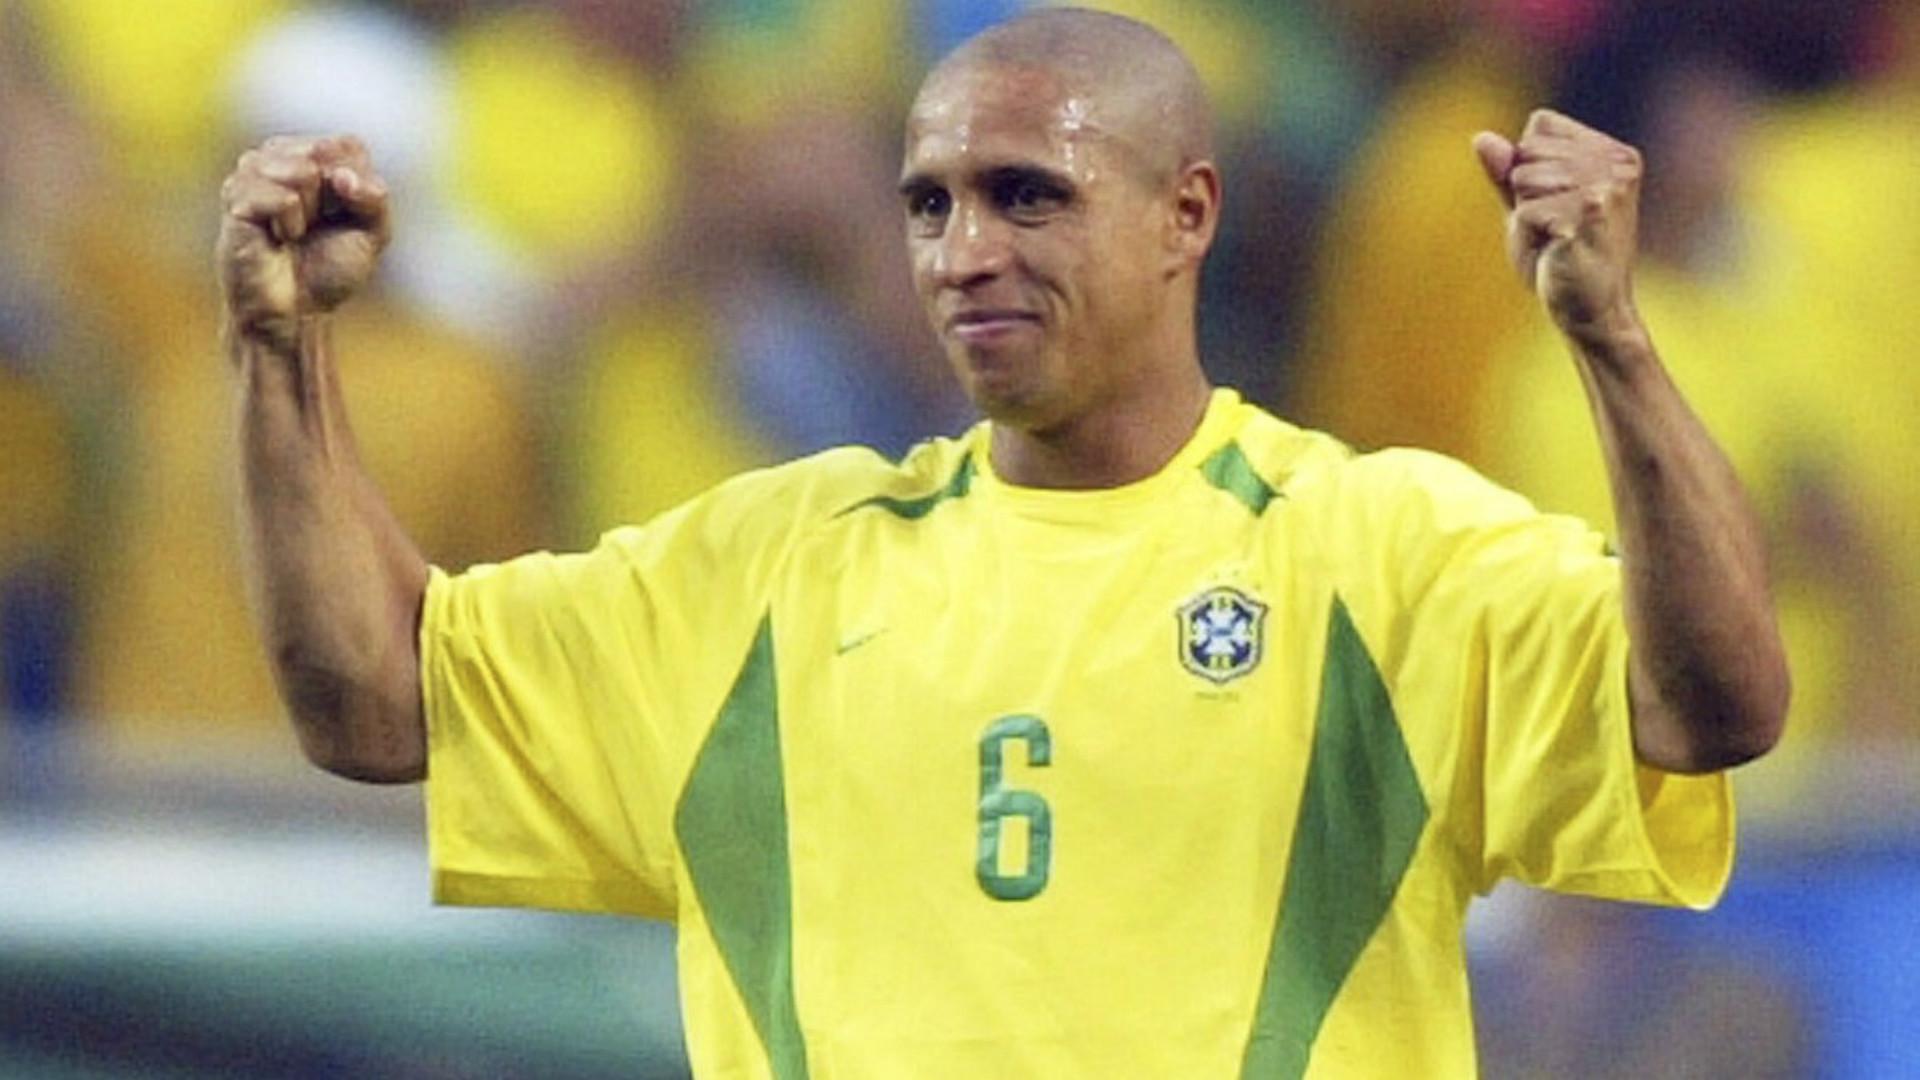 Huyền thoại Roberto Carlos - Người đàn ông viên đạn là ai? - Blogsoccer.net